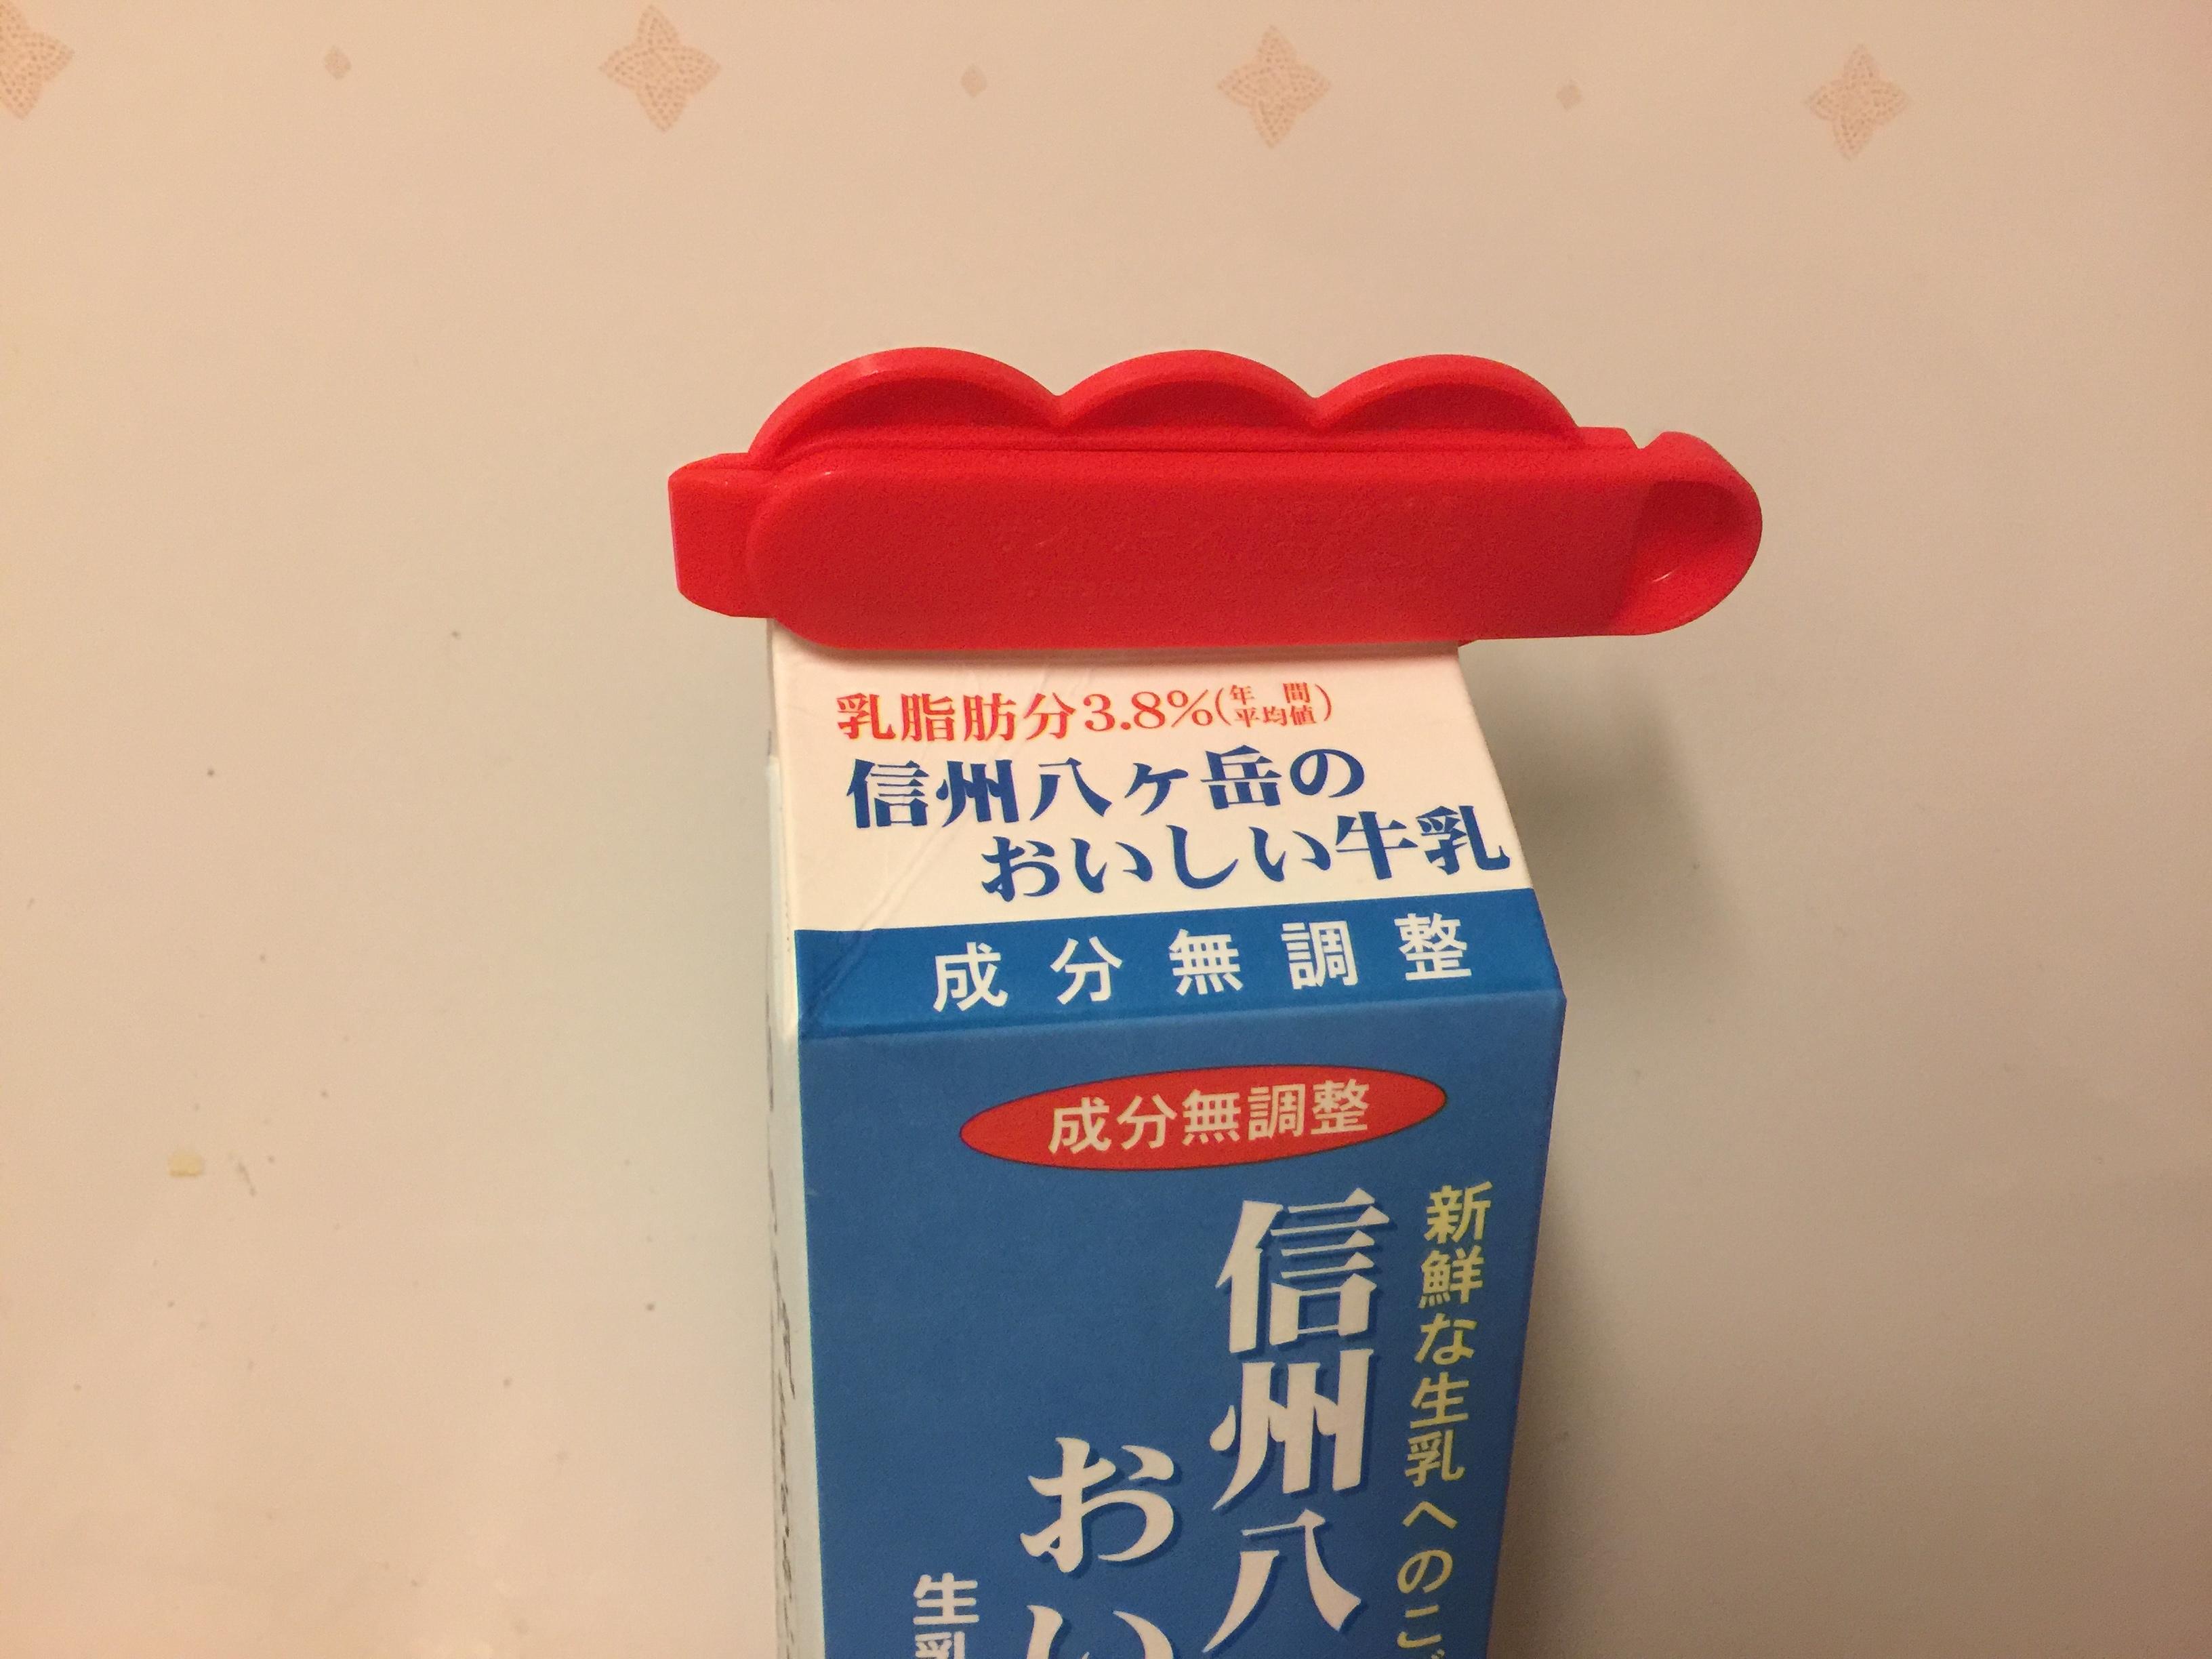 開封後の牛乳